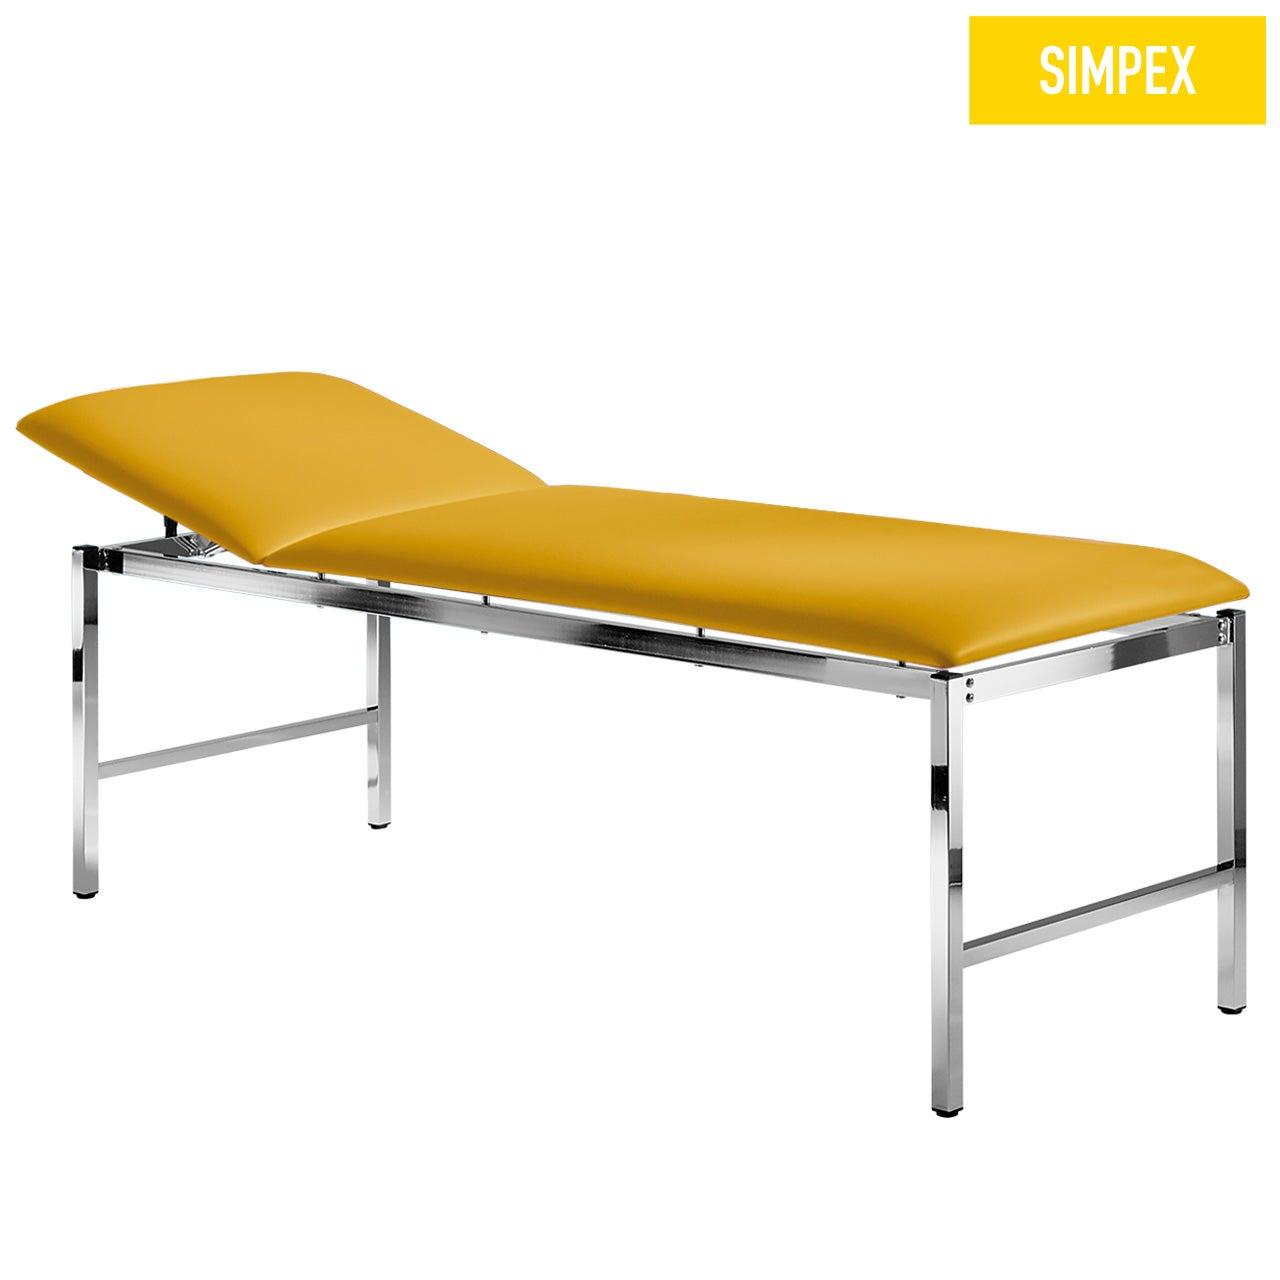 Multifunktionsliege MEDI-LUX 65 Classic mit Kunstleder in gelb (mais) und einem Gestell aus Stahl verchromt von SIMPEX